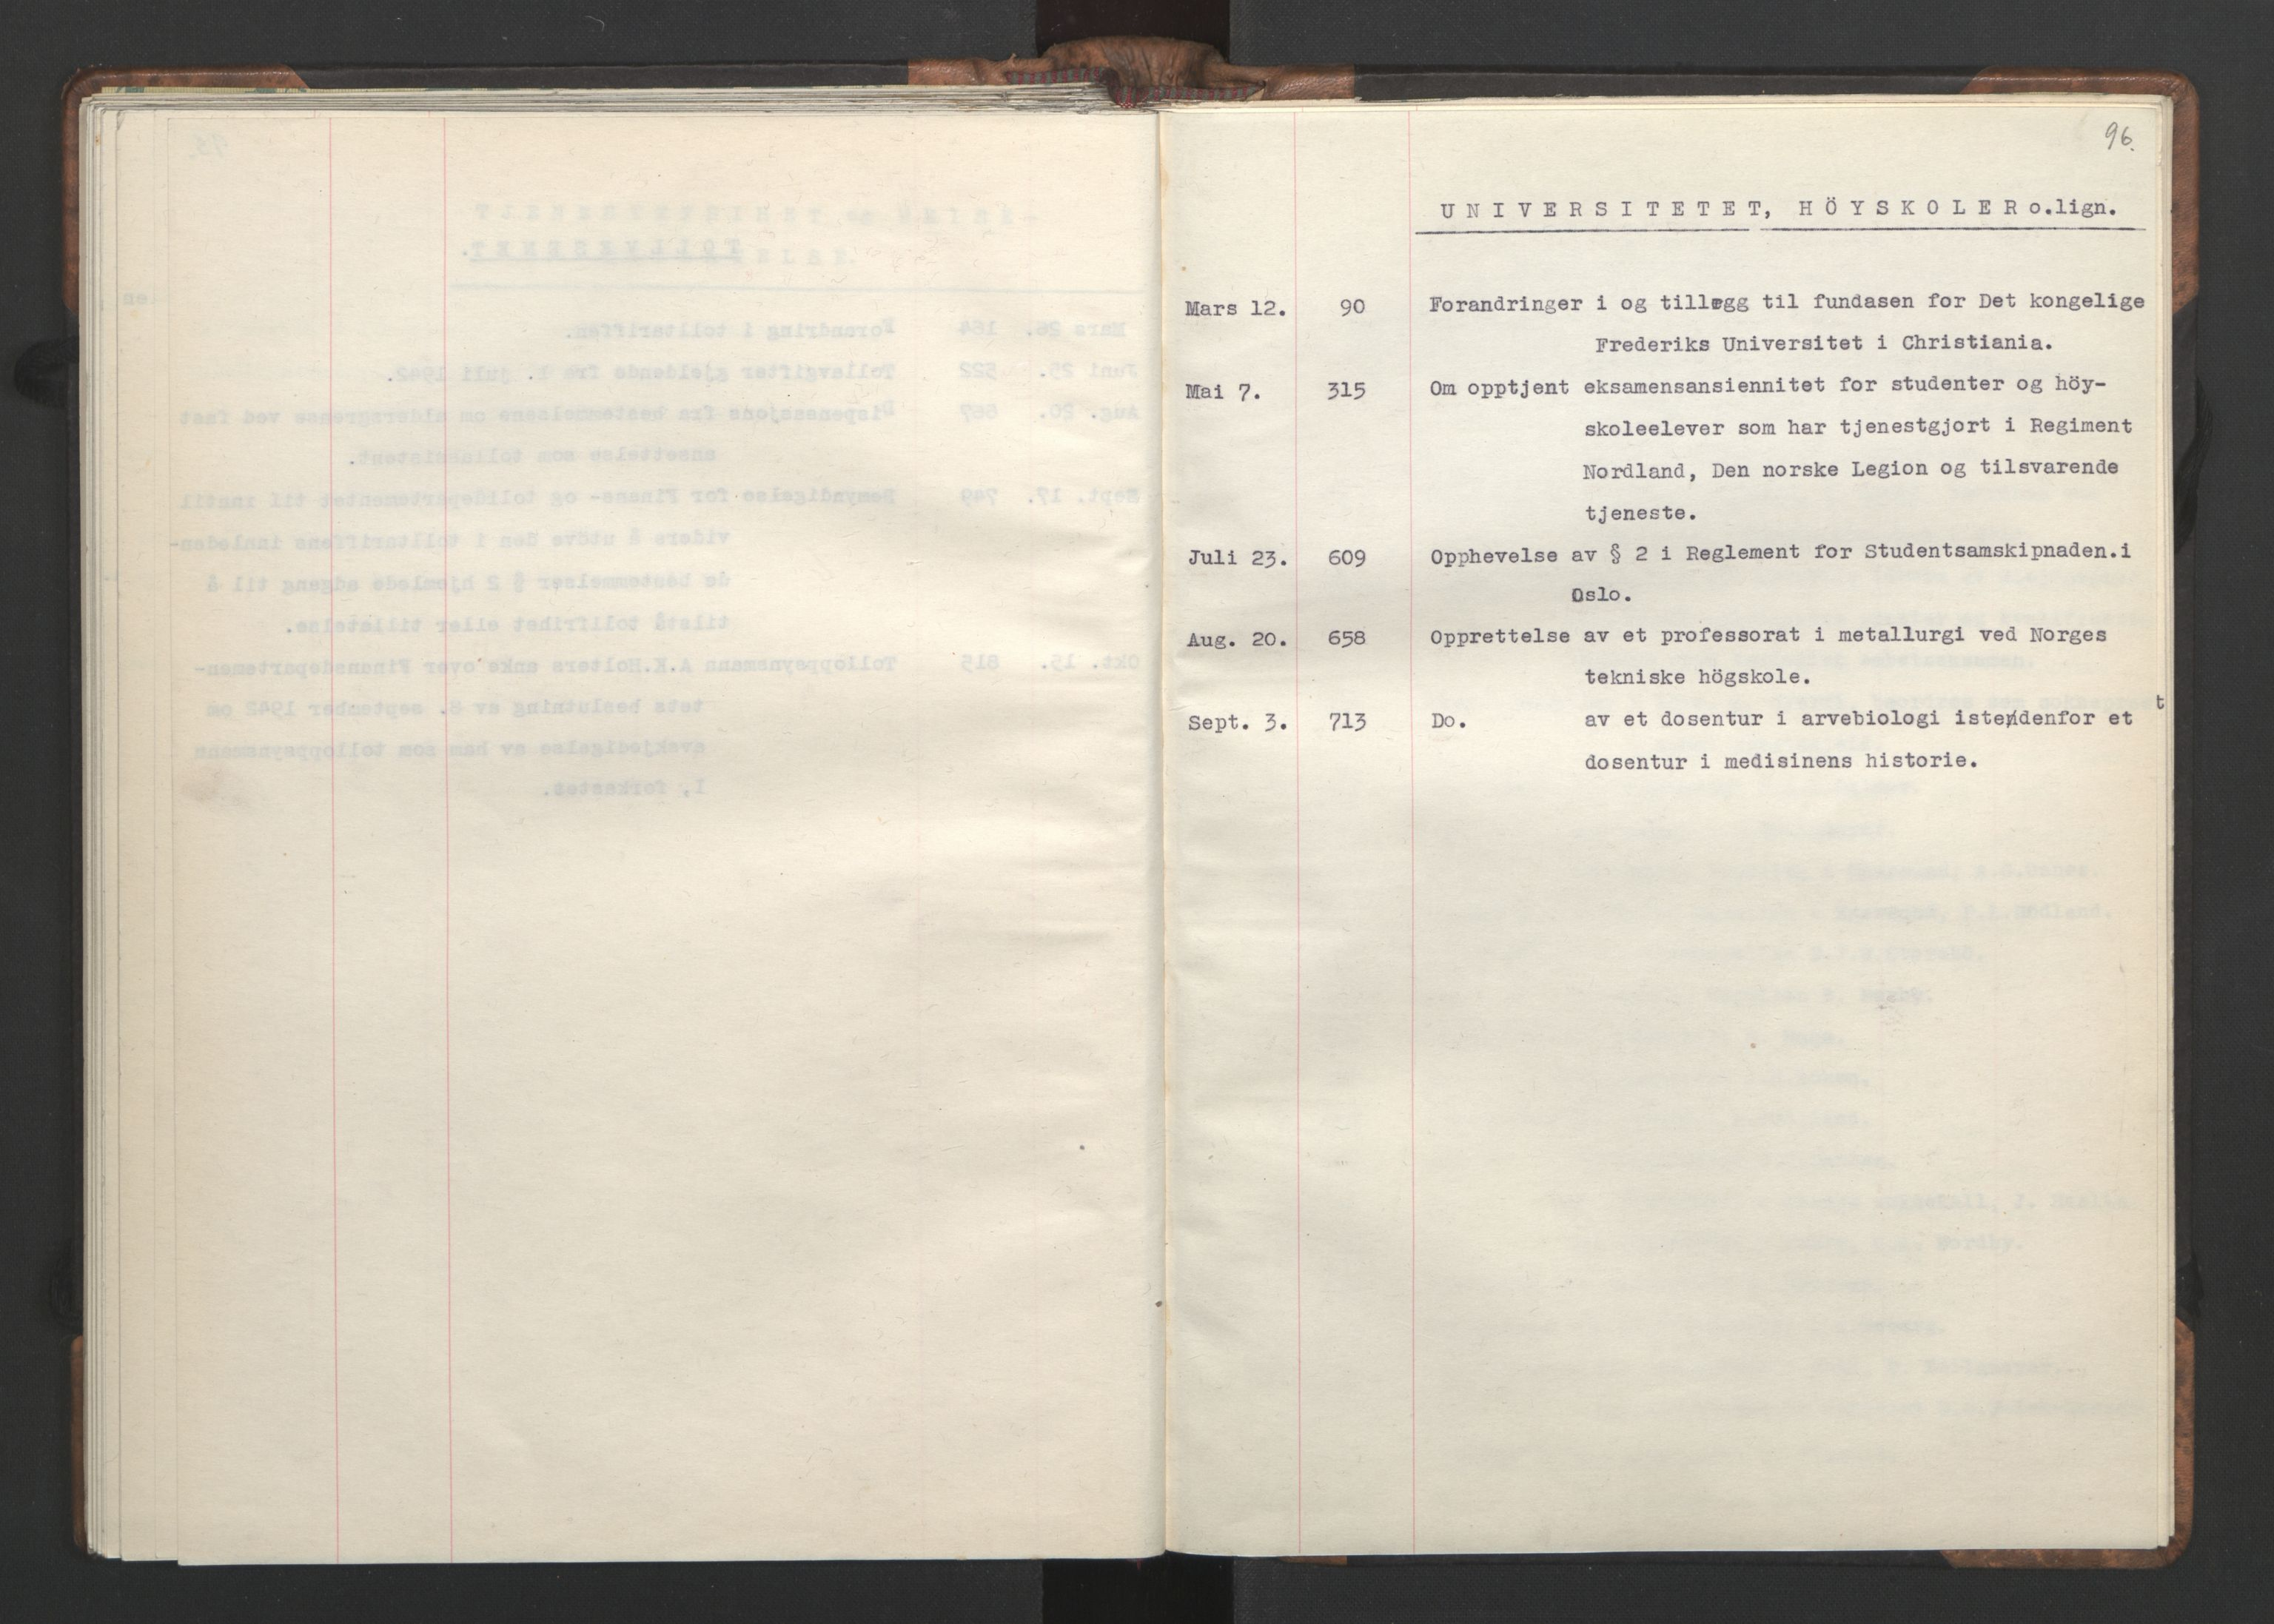 RA, NS-administrasjonen 1940-1945 (Statsrådsekretariatet, de kommisariske statsråder mm), D/Da/L0002: Register (RA j.nr. 985/1943, tilgangsnr. 17/1943), 1942, s. 95b-96a